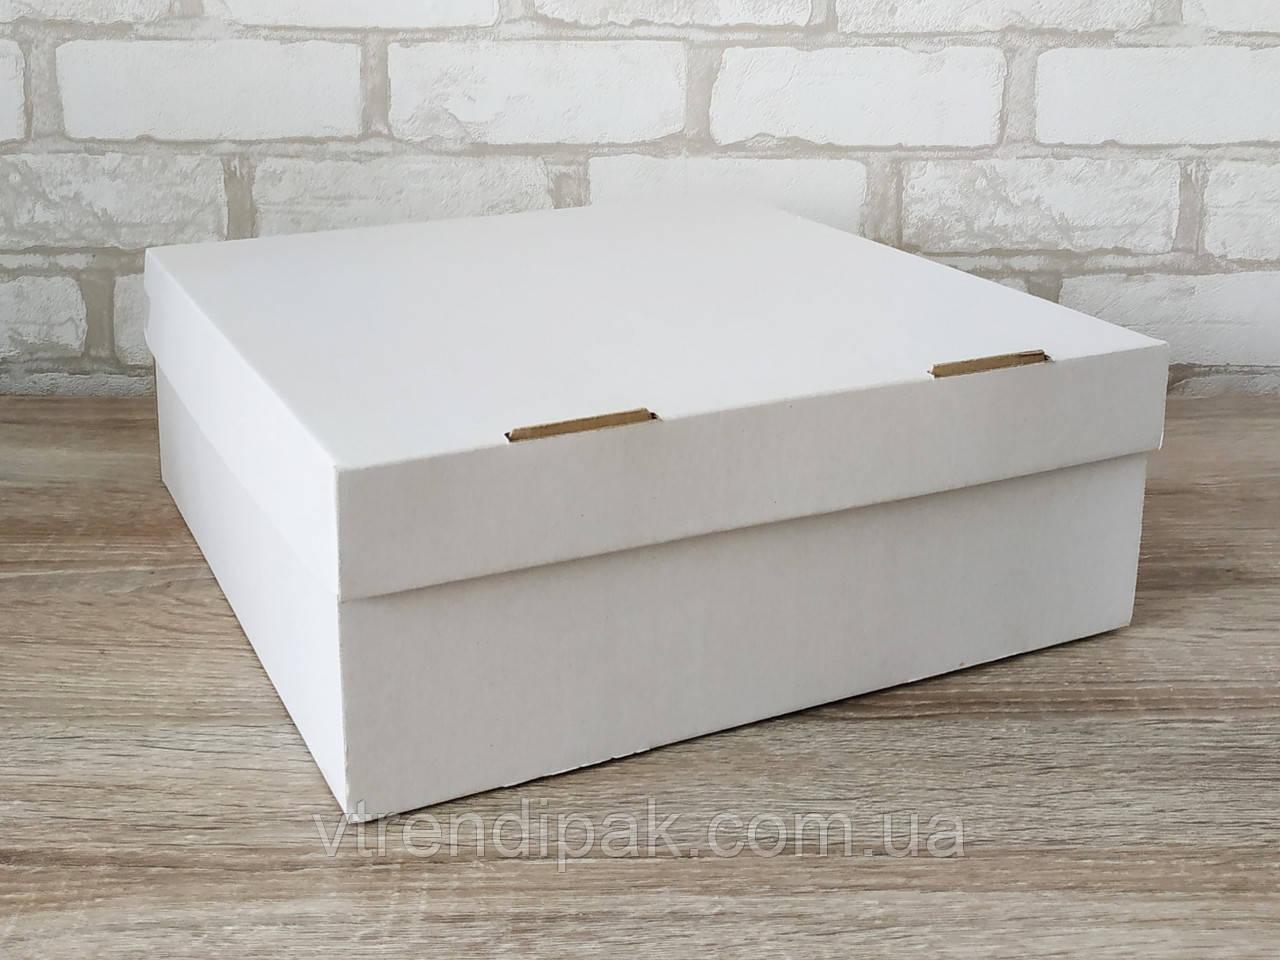 Самозбірна коробка для пирога 300*300*110